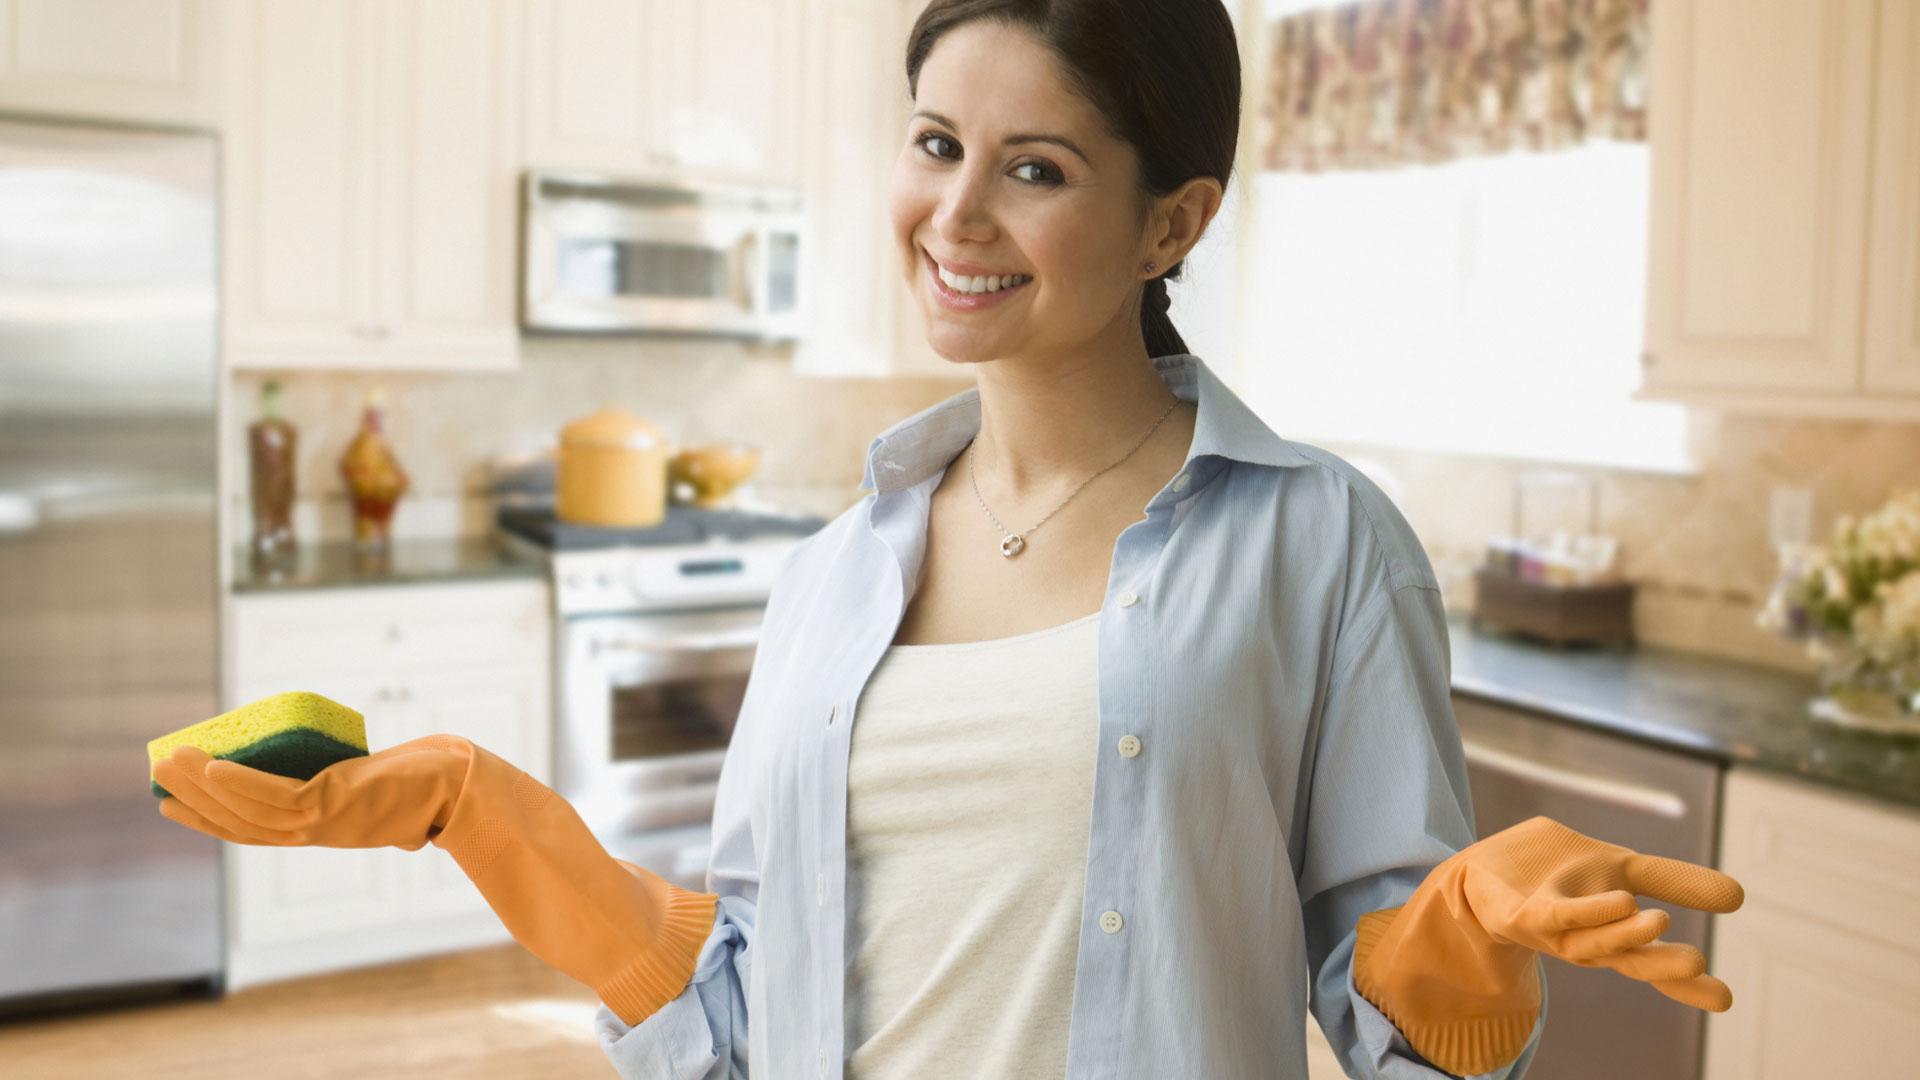 Spring cleaning verde 7 consejos para limpiar la casa - Limpiar la casa ...